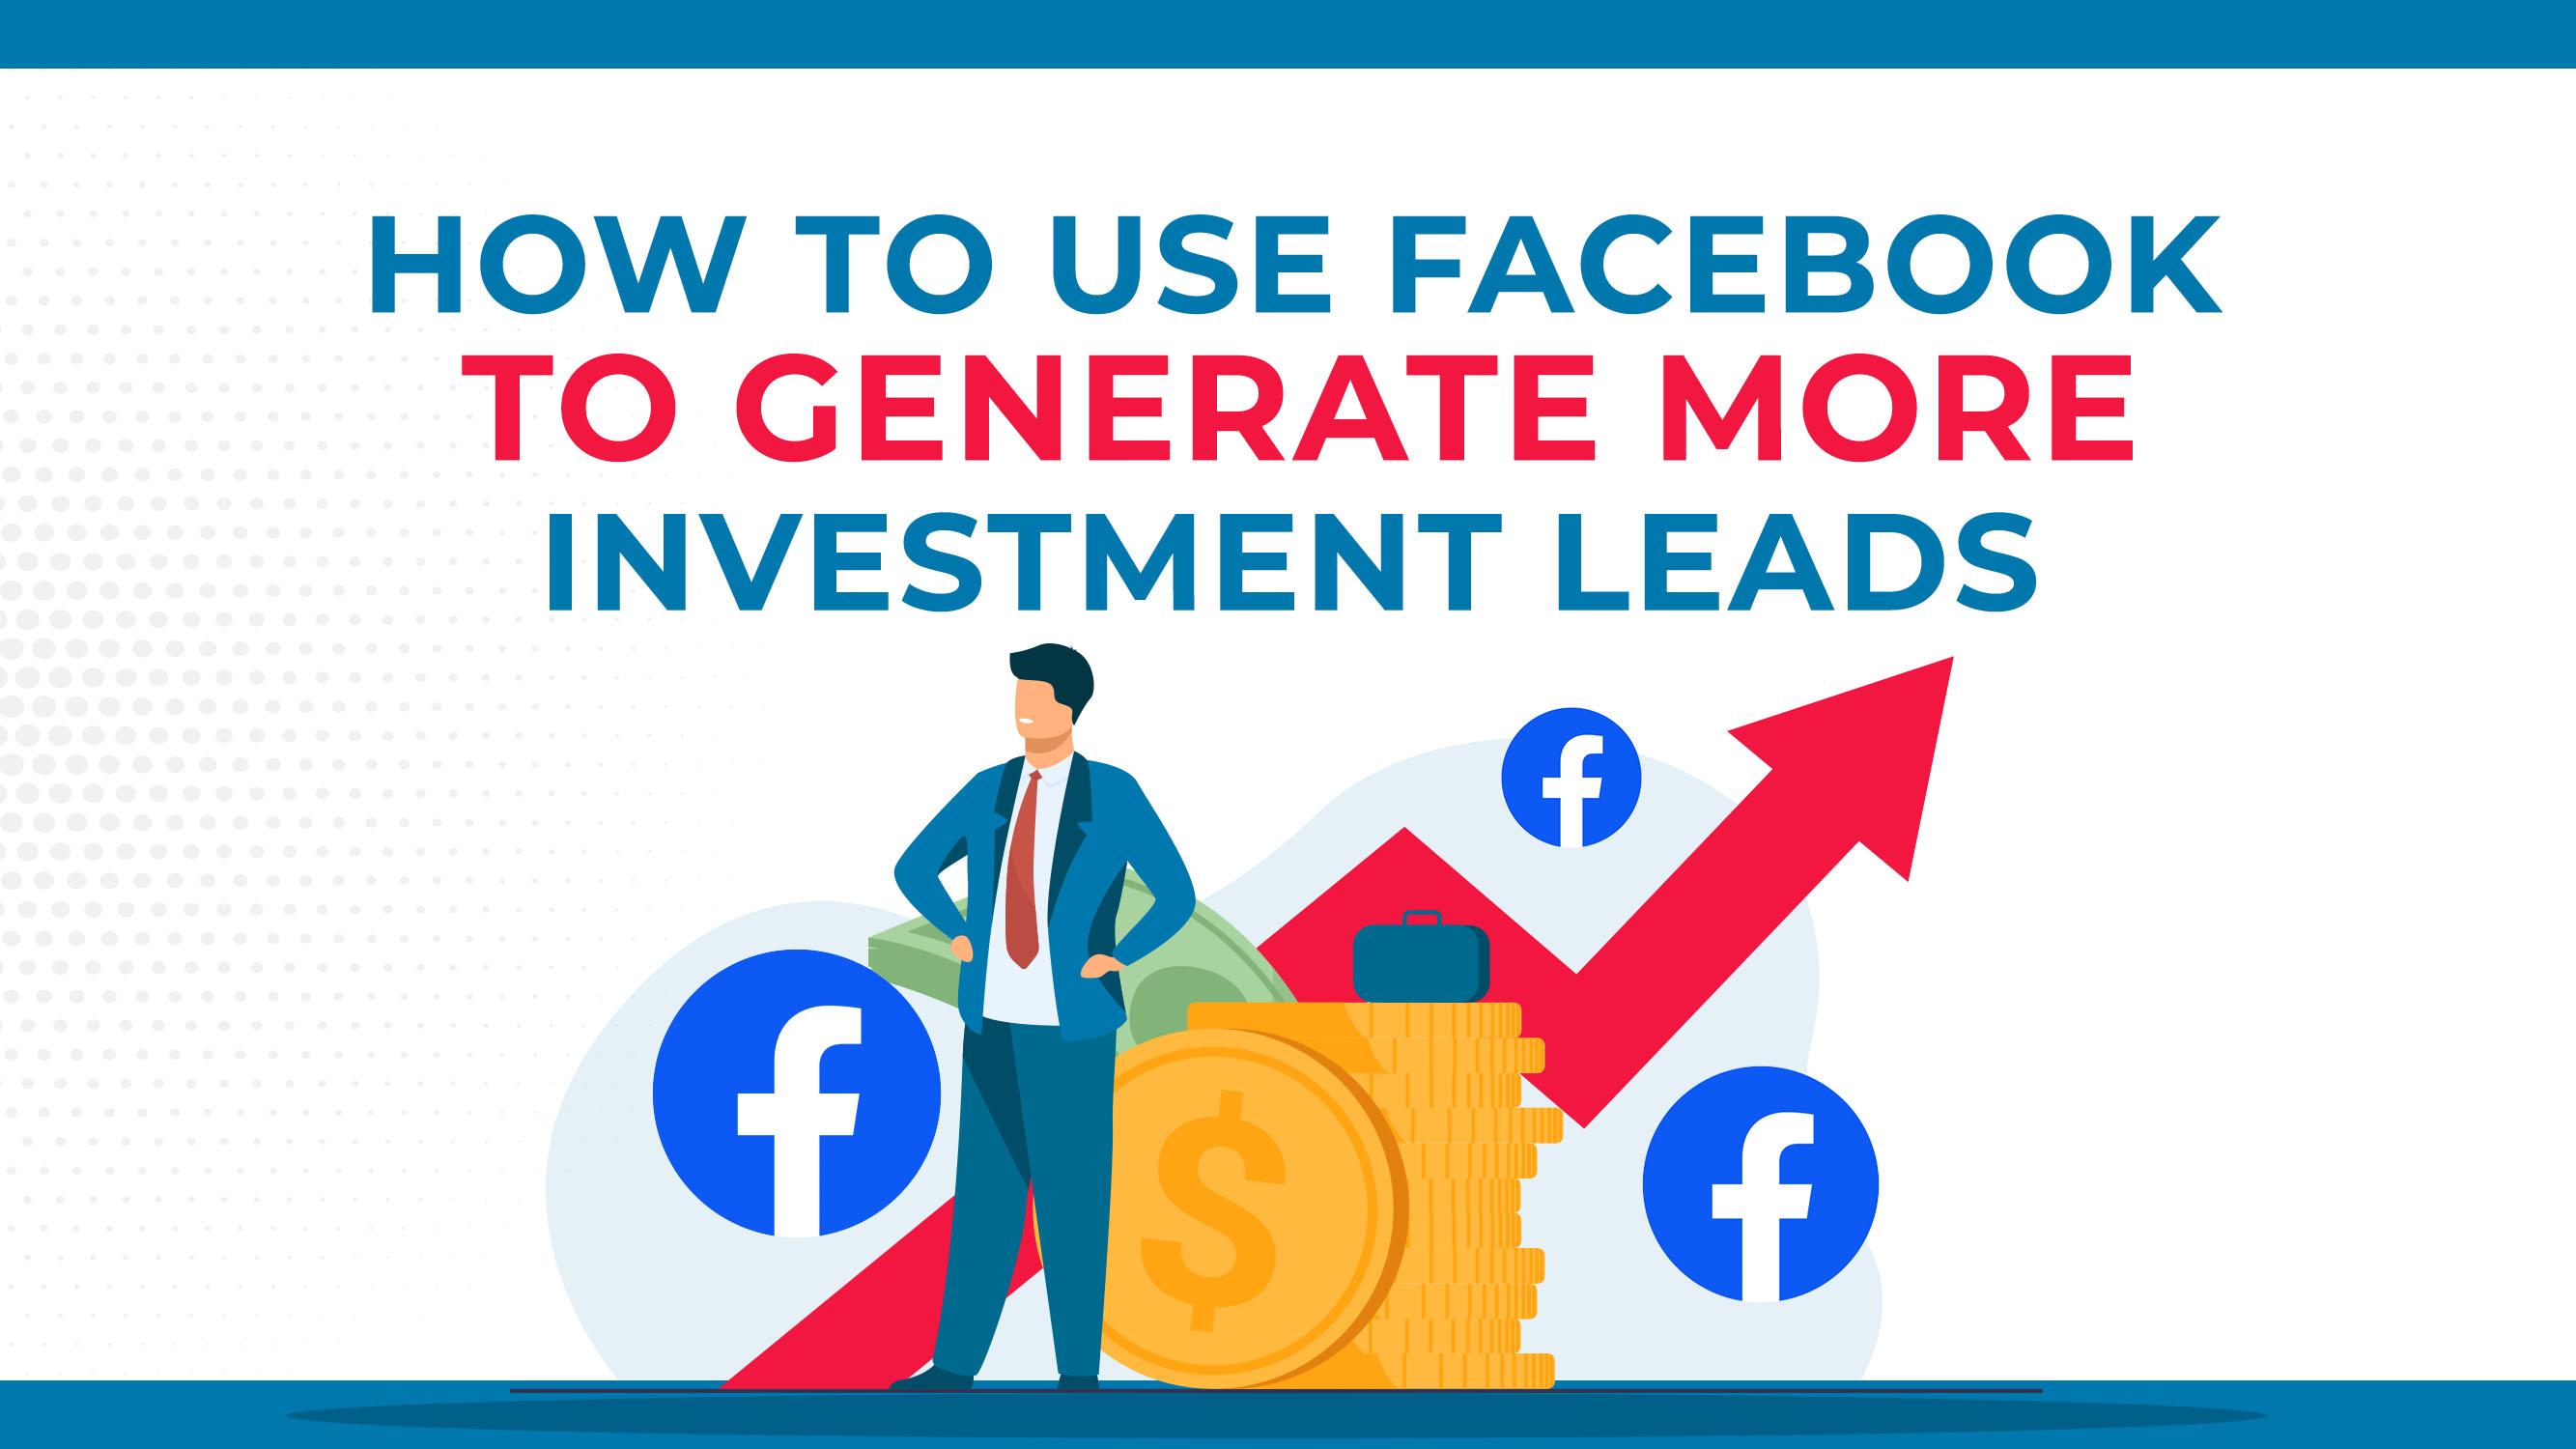 Comment utiliser Facebook pour générer davantage de pistes d'investissement